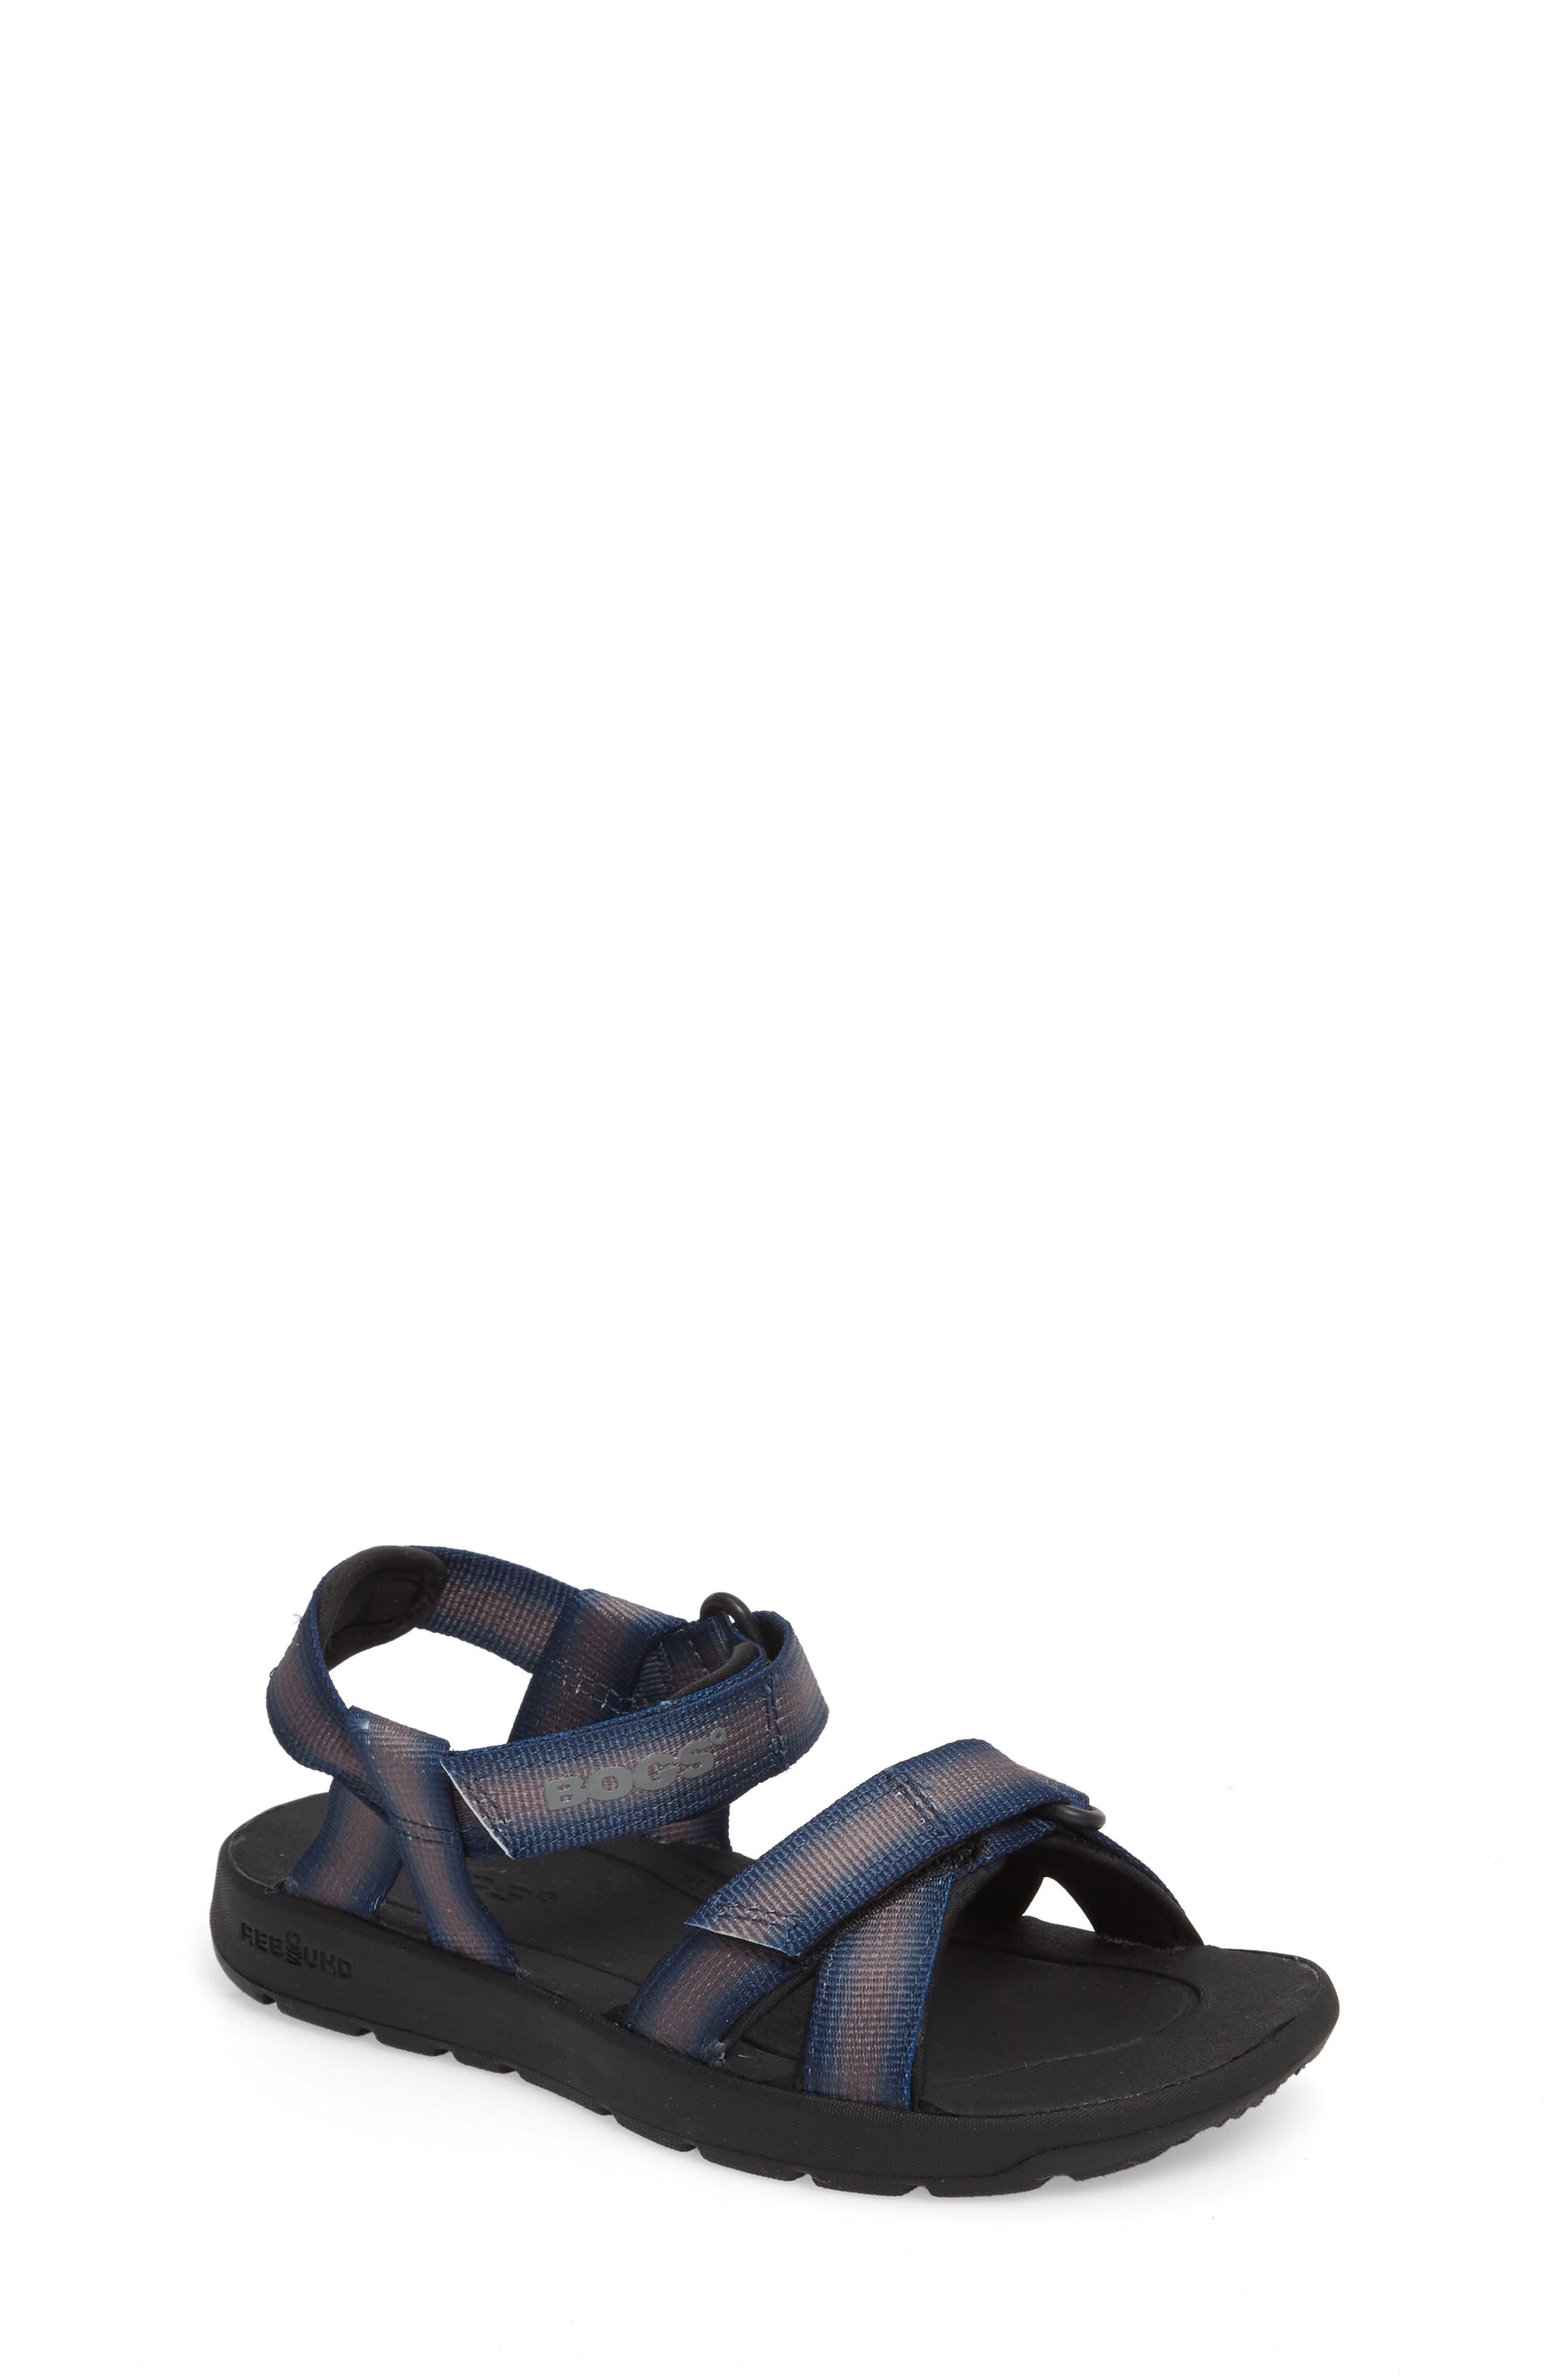 BOGS, Rio Sunrise Stripe Sandal, Main thumbnail 1, color, 062